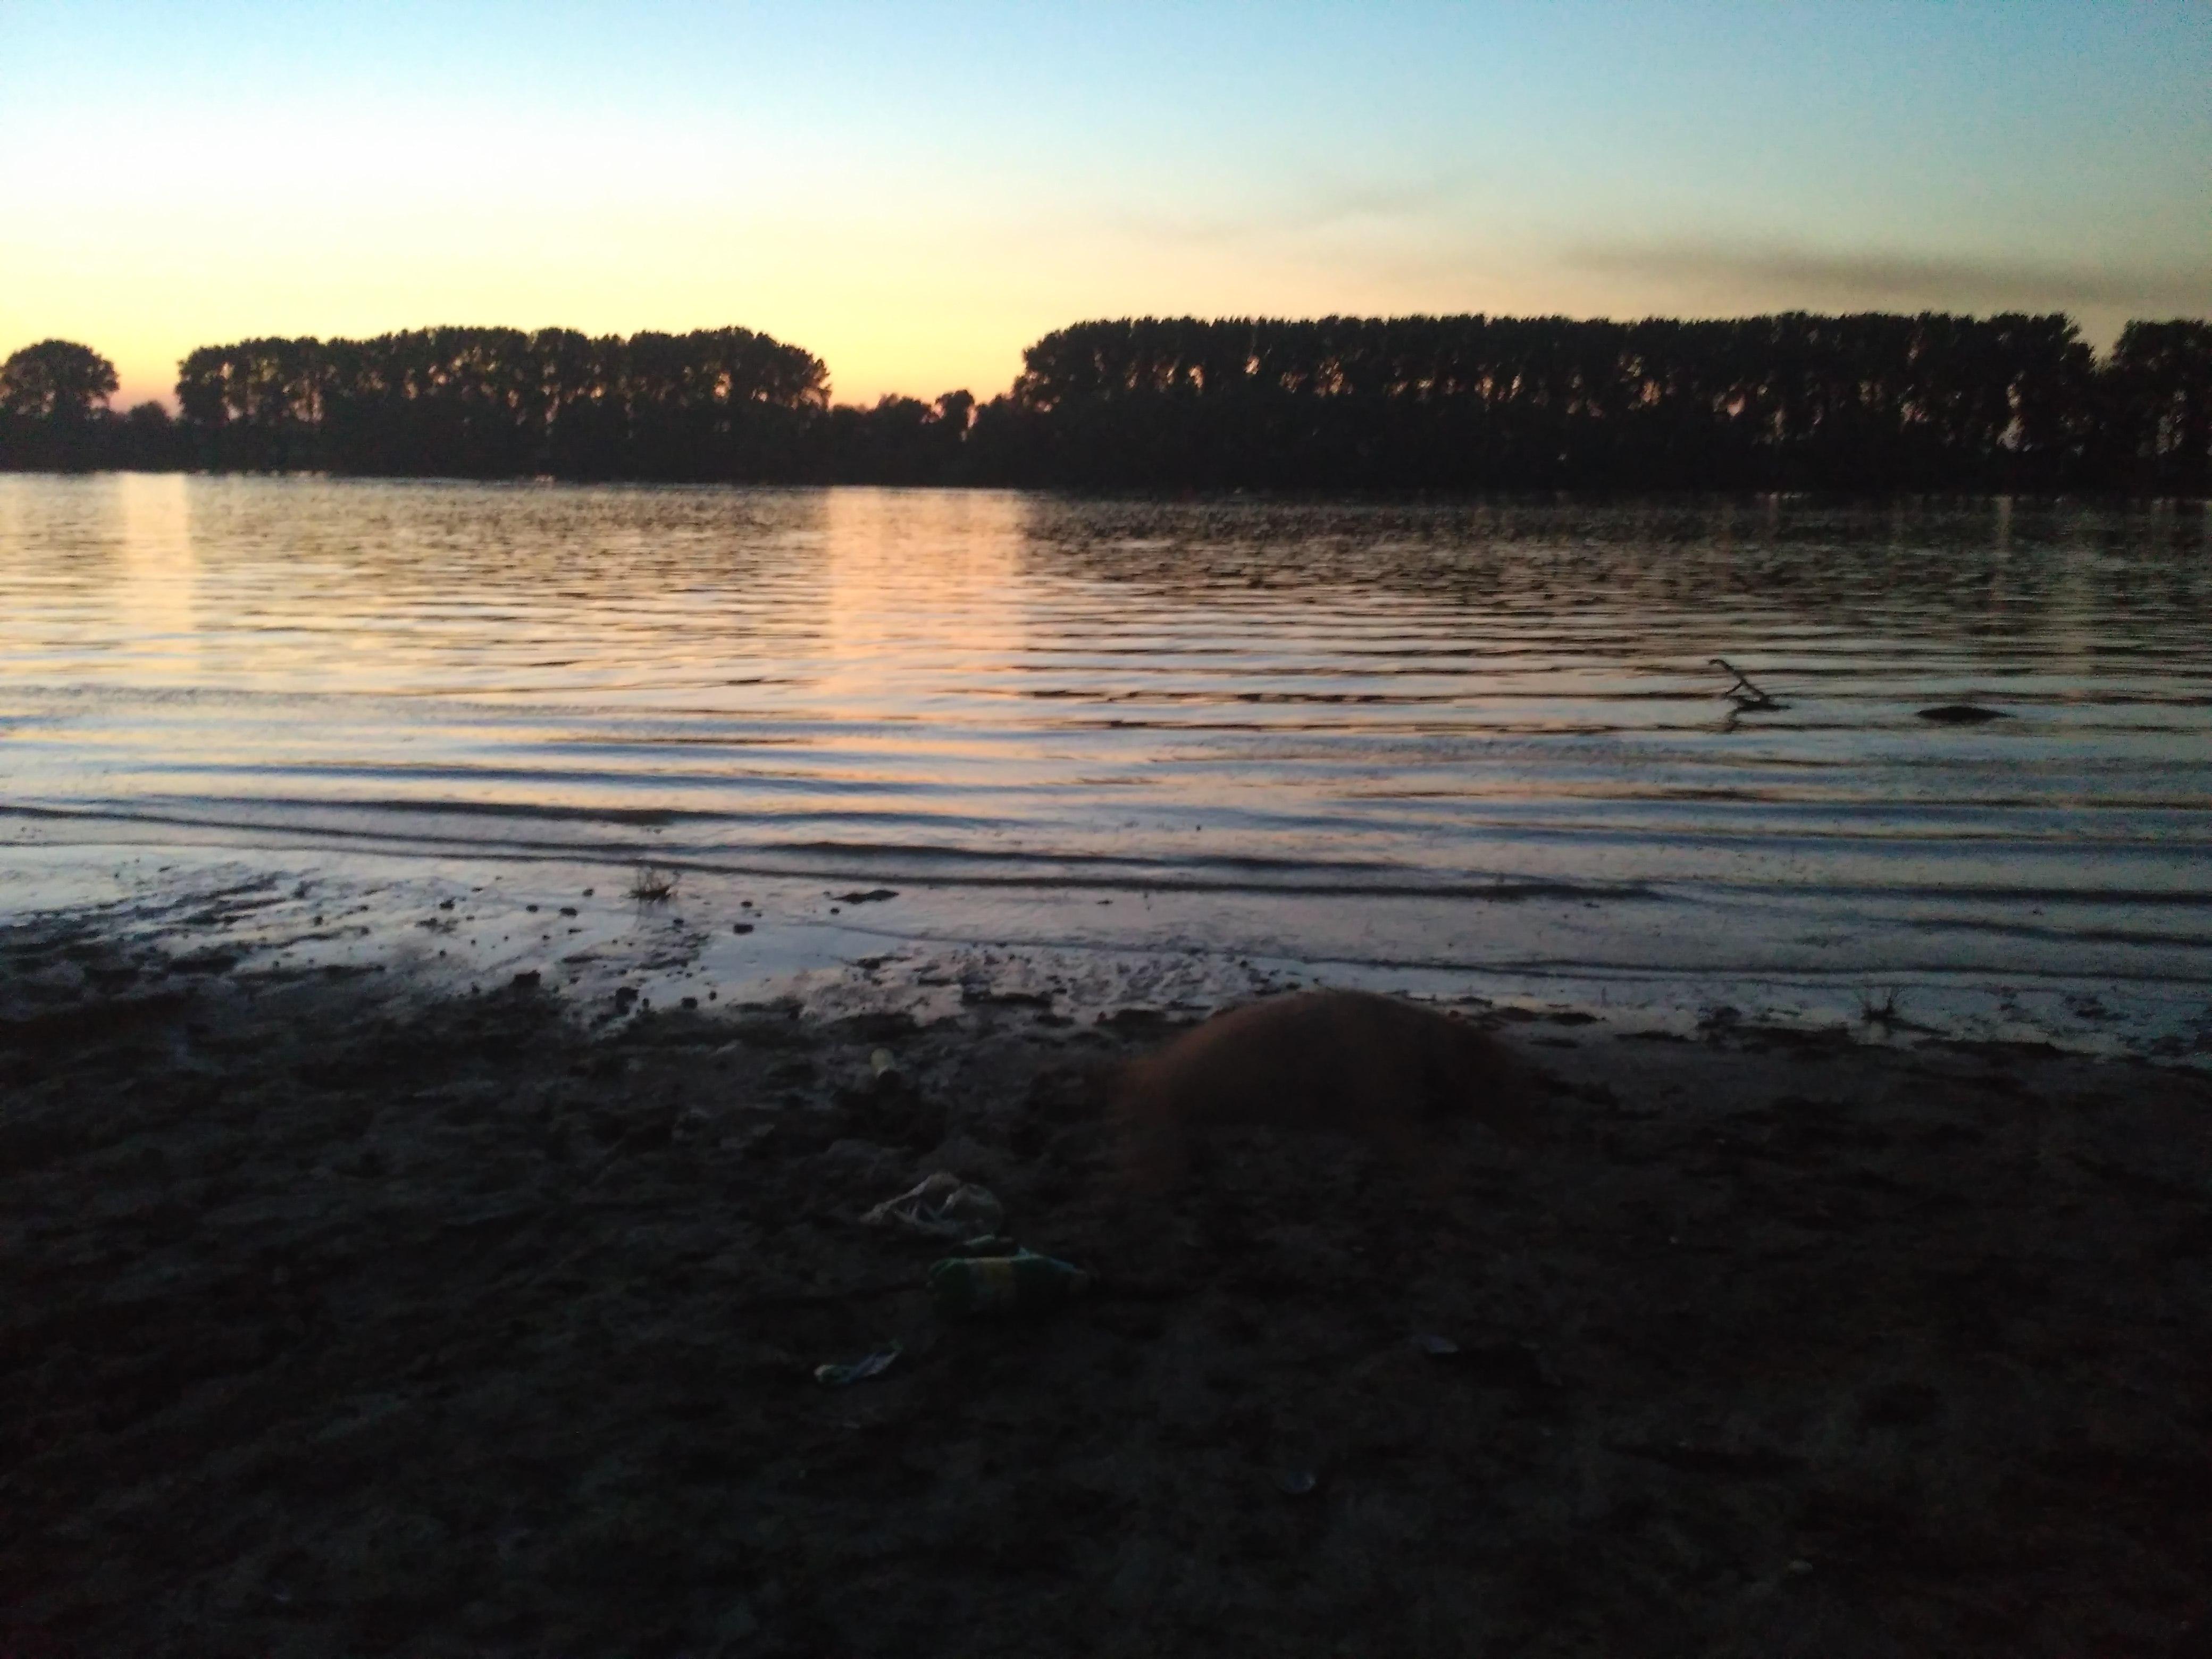 Dunaj przy zachodzie słońca.